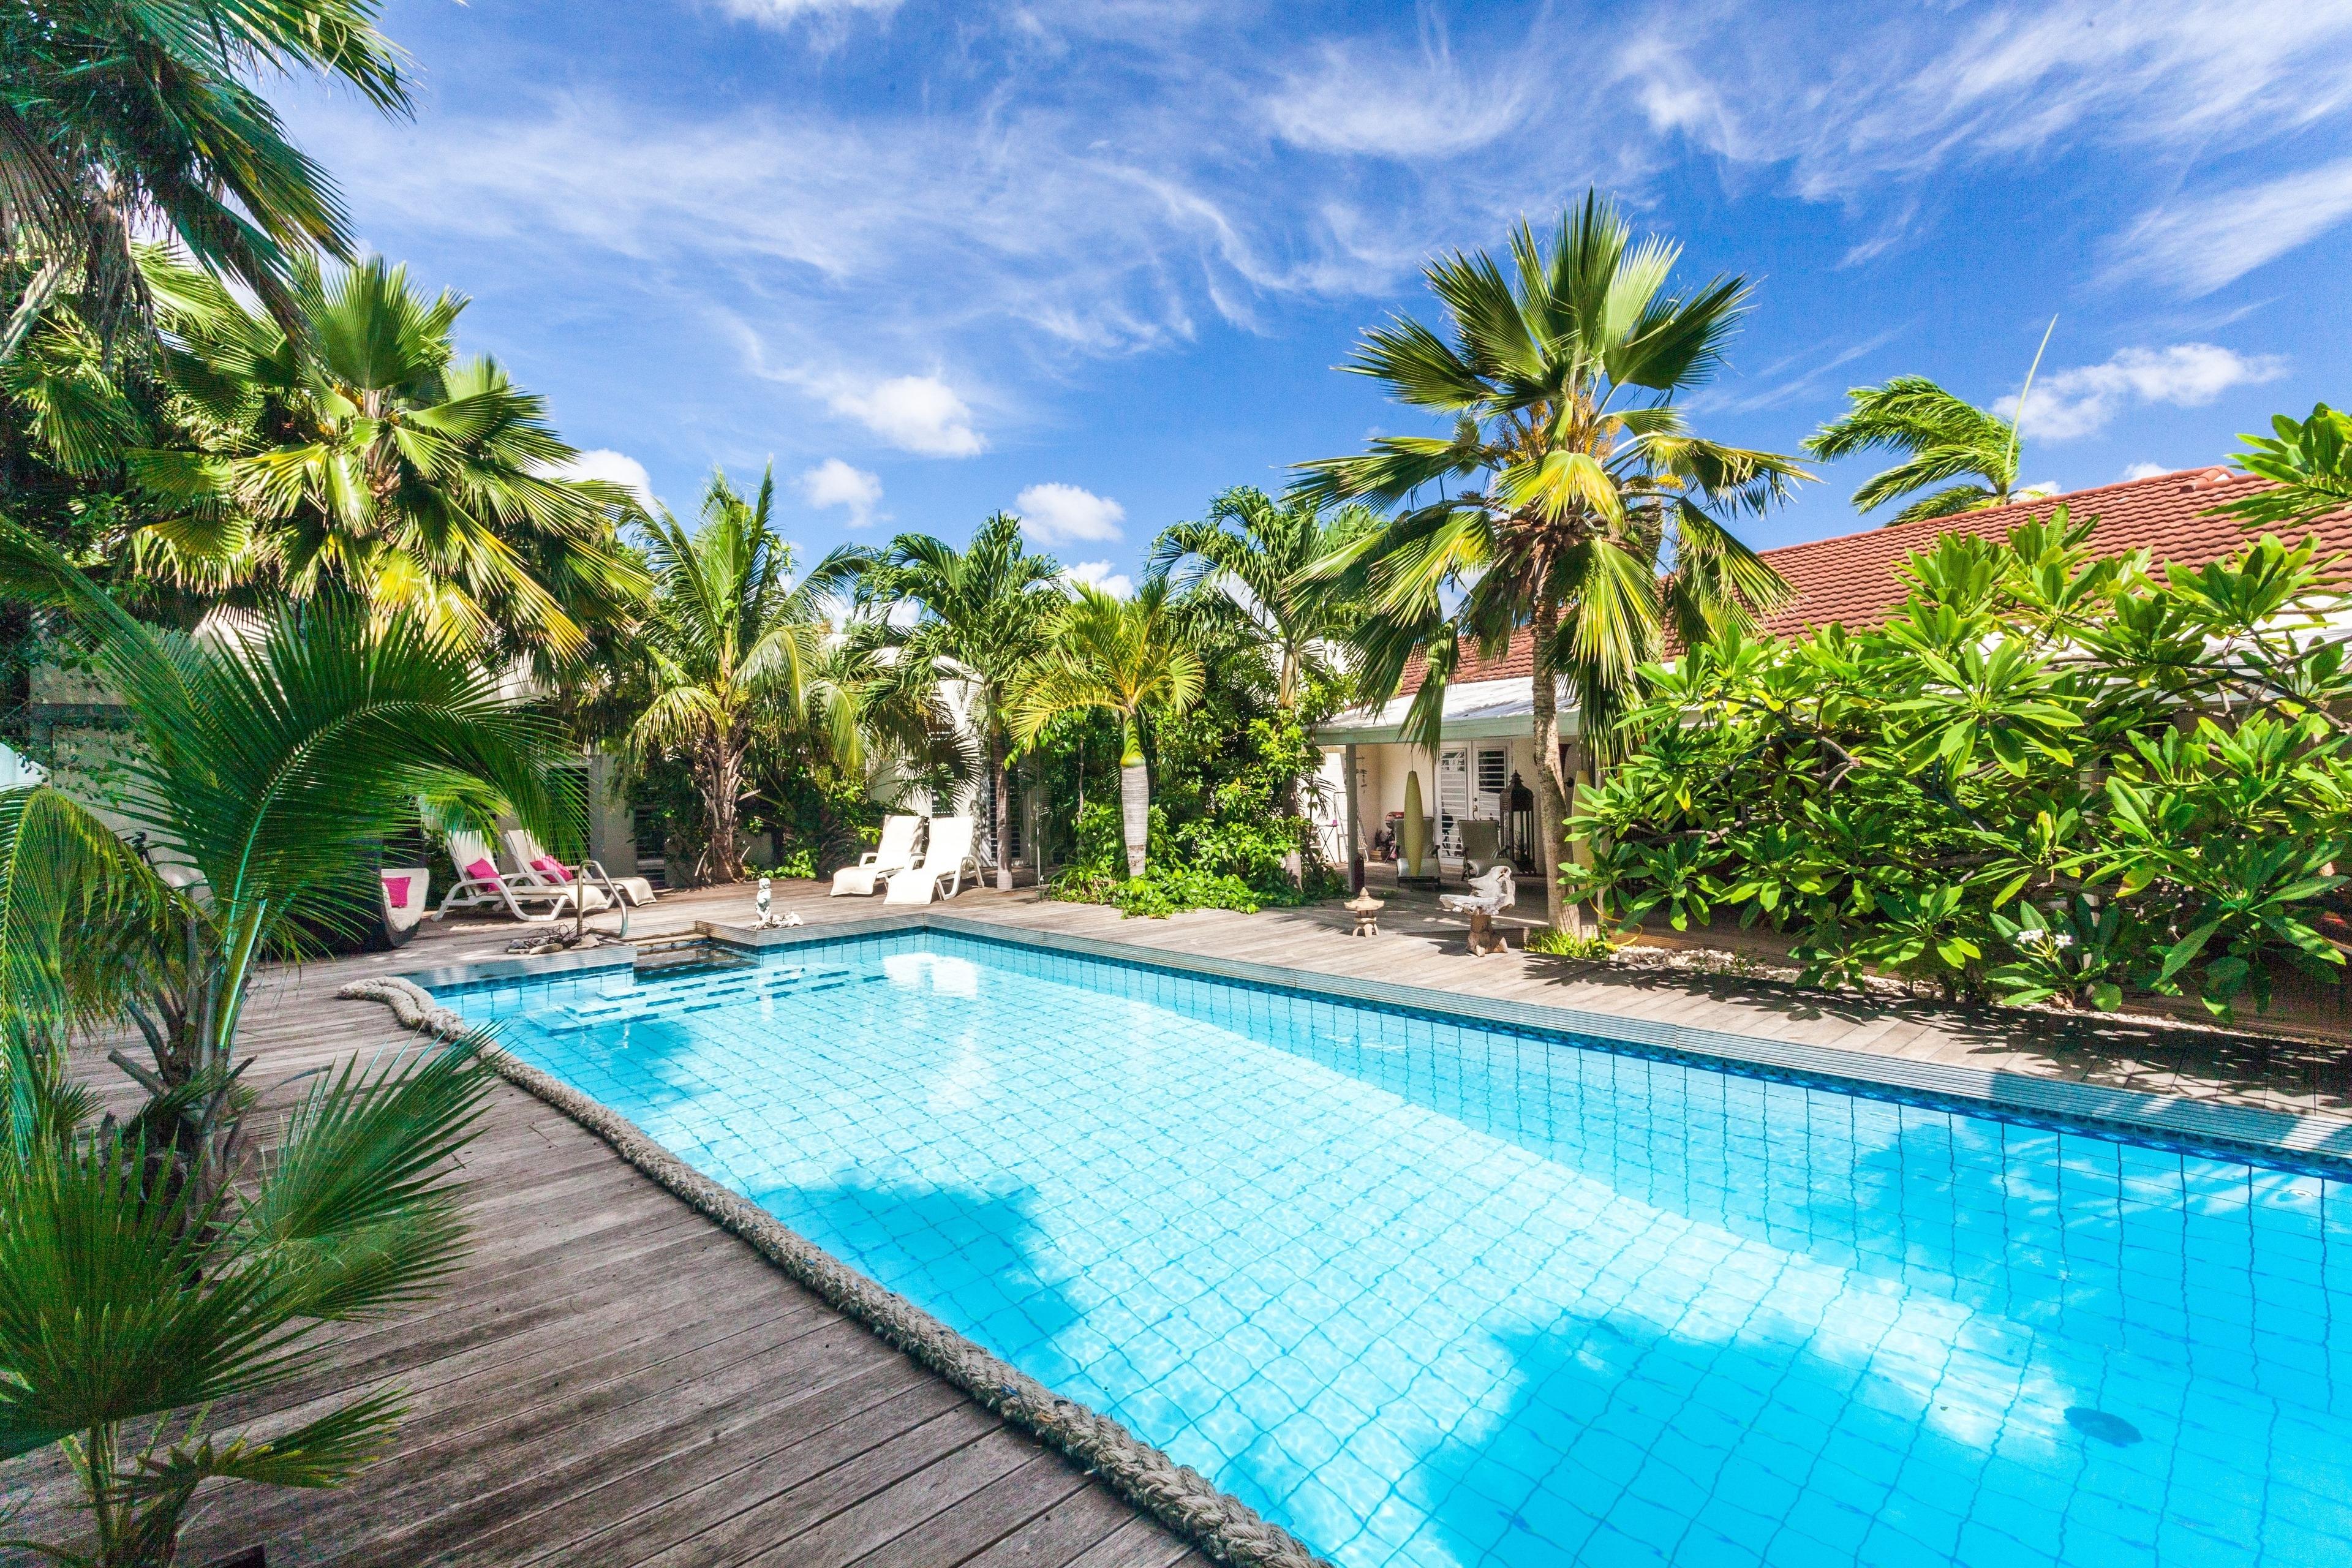 Coconut Ferienwohnung in Mittelamerika und Karibik